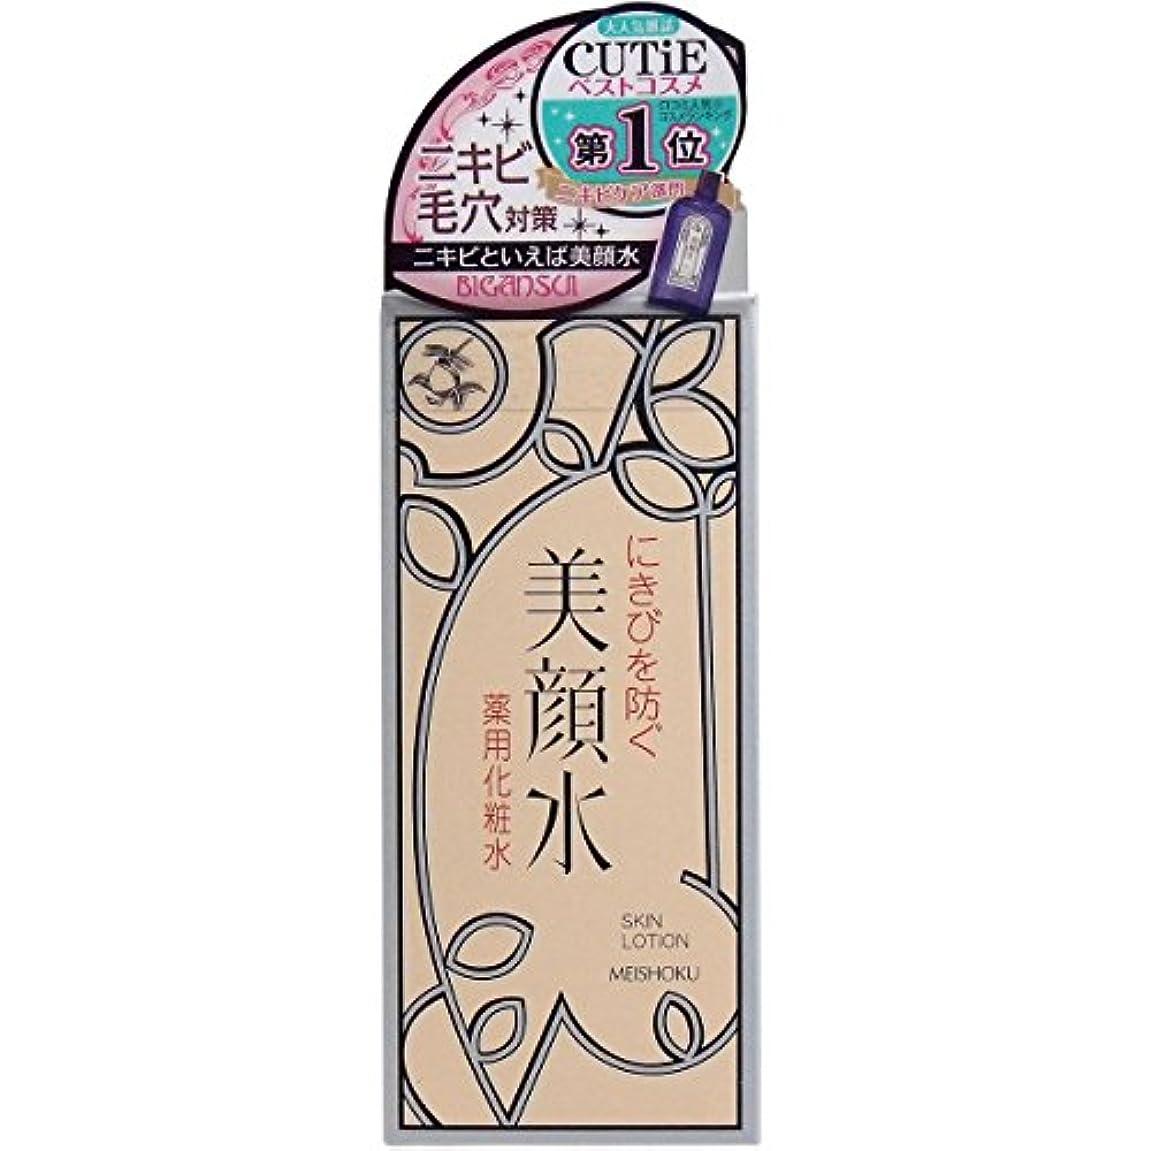 サポート未来ビヨン明色 美顔水 薬用化粧水80mL×3個セット